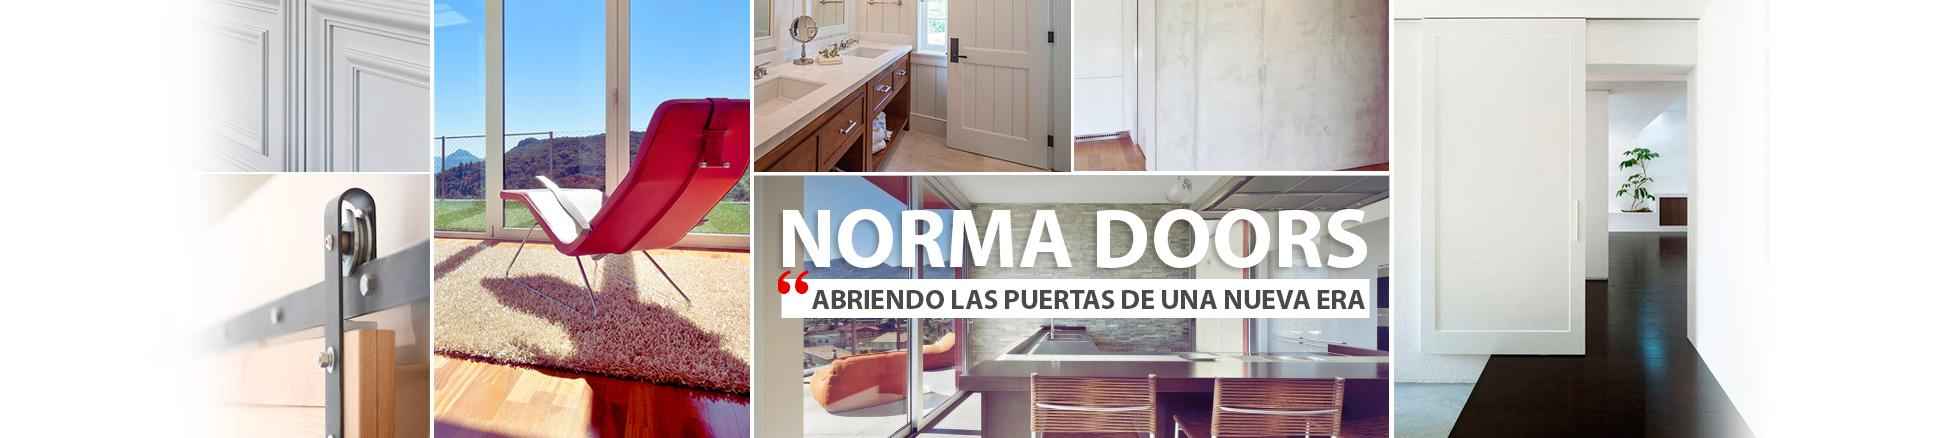 Norma Doors estará presente en Maderalia Selección